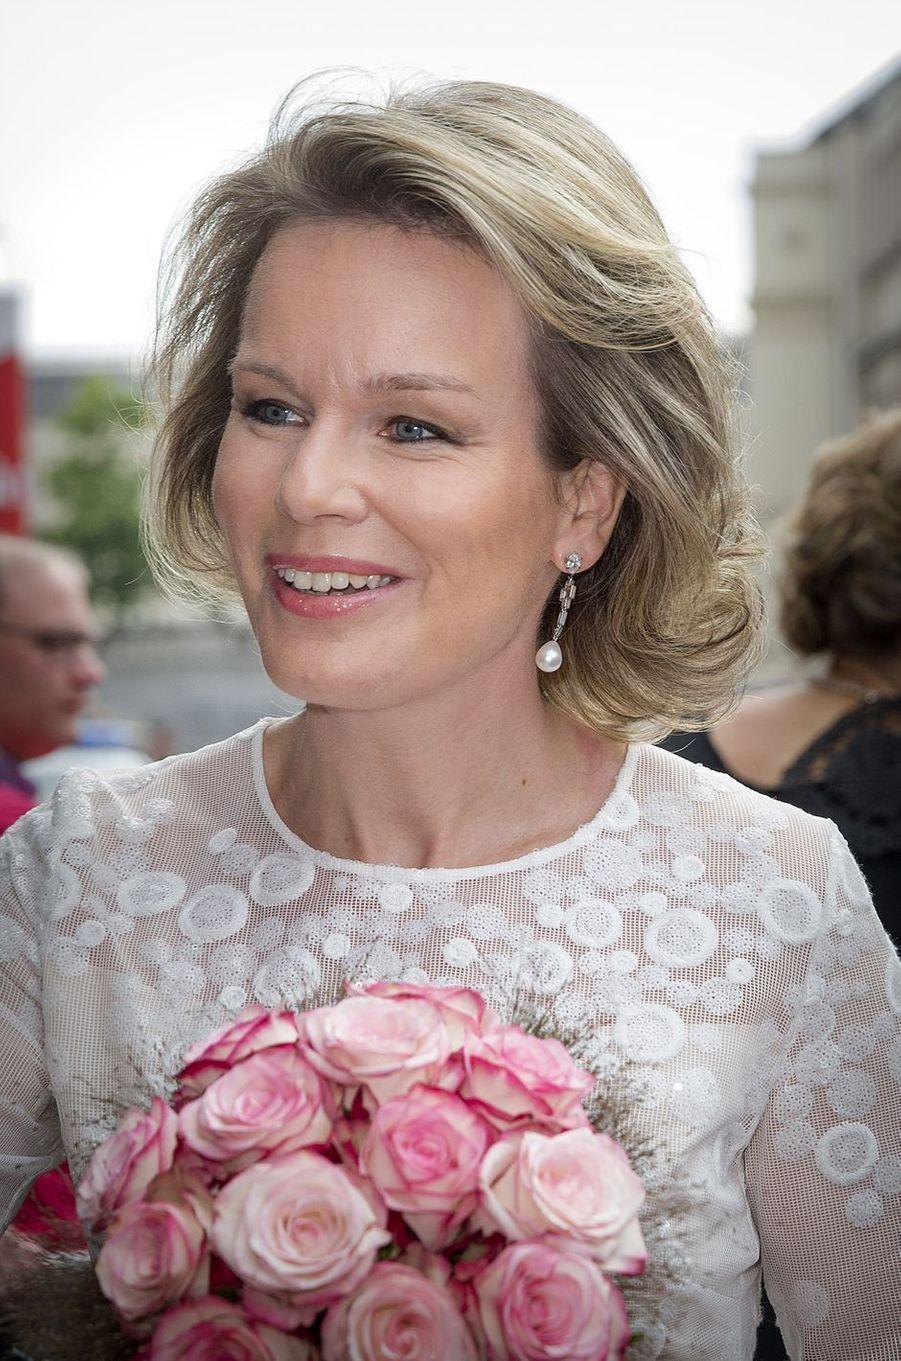 La reine Mathilde de Belgique à Bruxelles, le 25 mai 2016